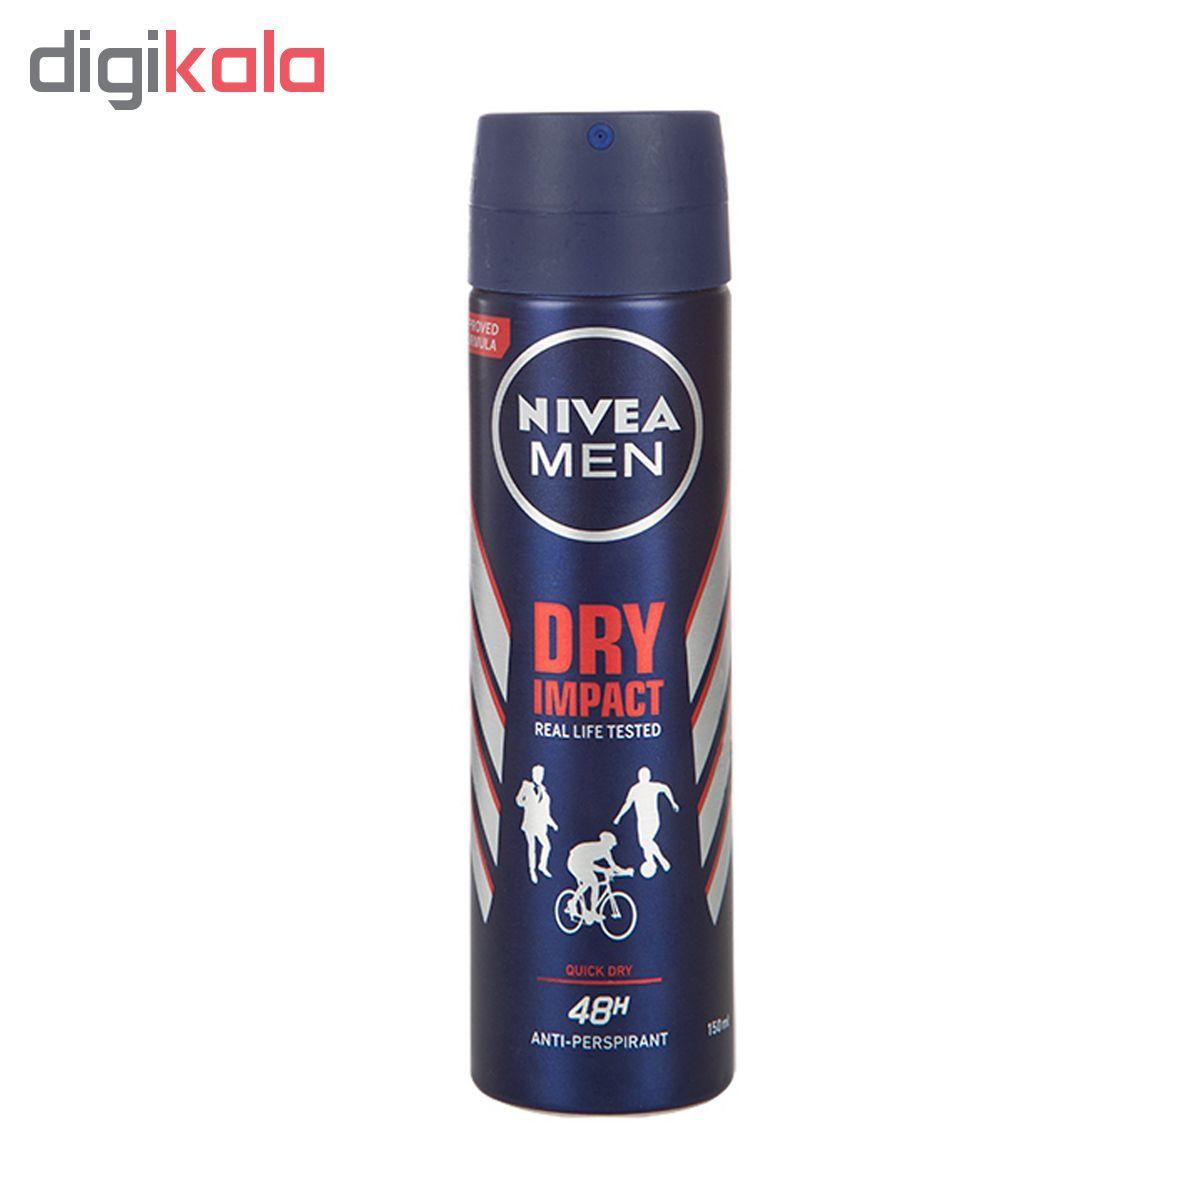 اسپری ضد تعریق مردانه نیوآ مدل Dry Impact Plus حجم 150 میلی لیتر main 1 1